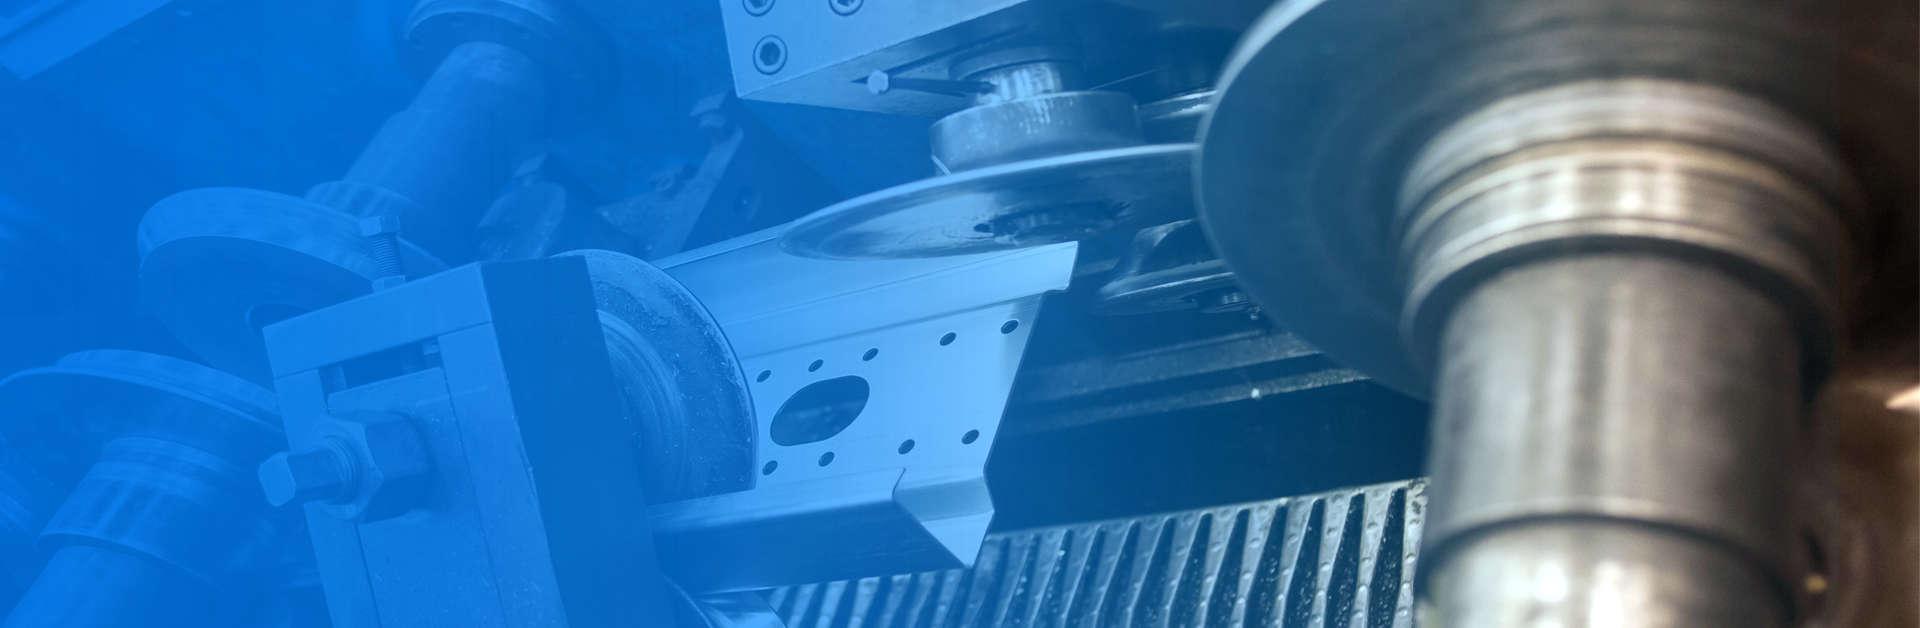 Foto de header para sección de medios productivos, de Brausa, fabricante de perfiles de acero conformado en frío